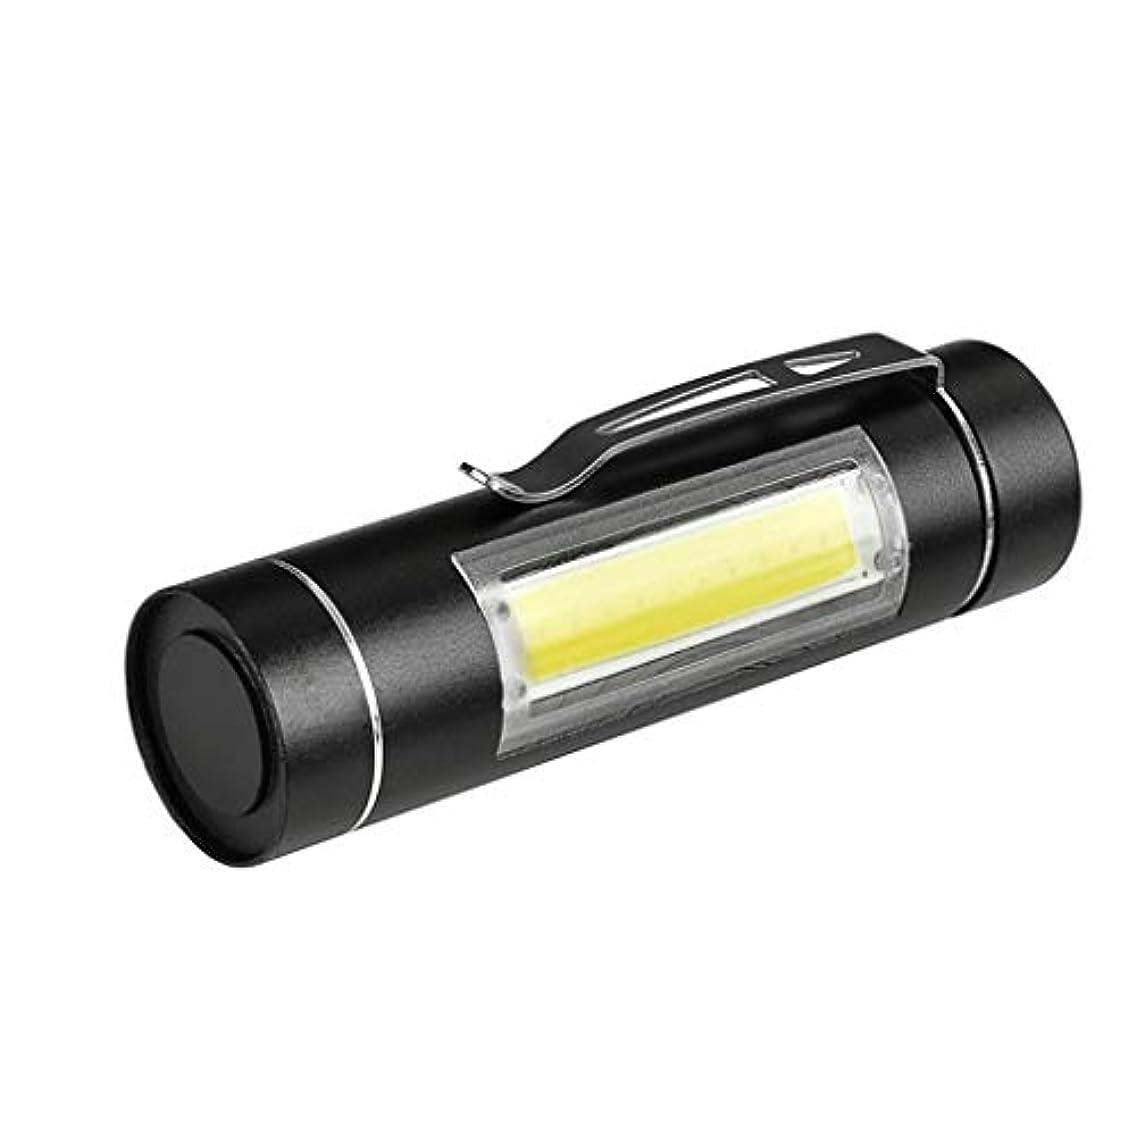 検査わずかにすすり泣きXPE Q5 COB LED 懐中電灯 小型 便利 ハンディライト 高輝度 TangQI 14500&単三電池 防水 高性能 多用途 防水 防塵 停電 地震 キャンプ 読書 ハイキング